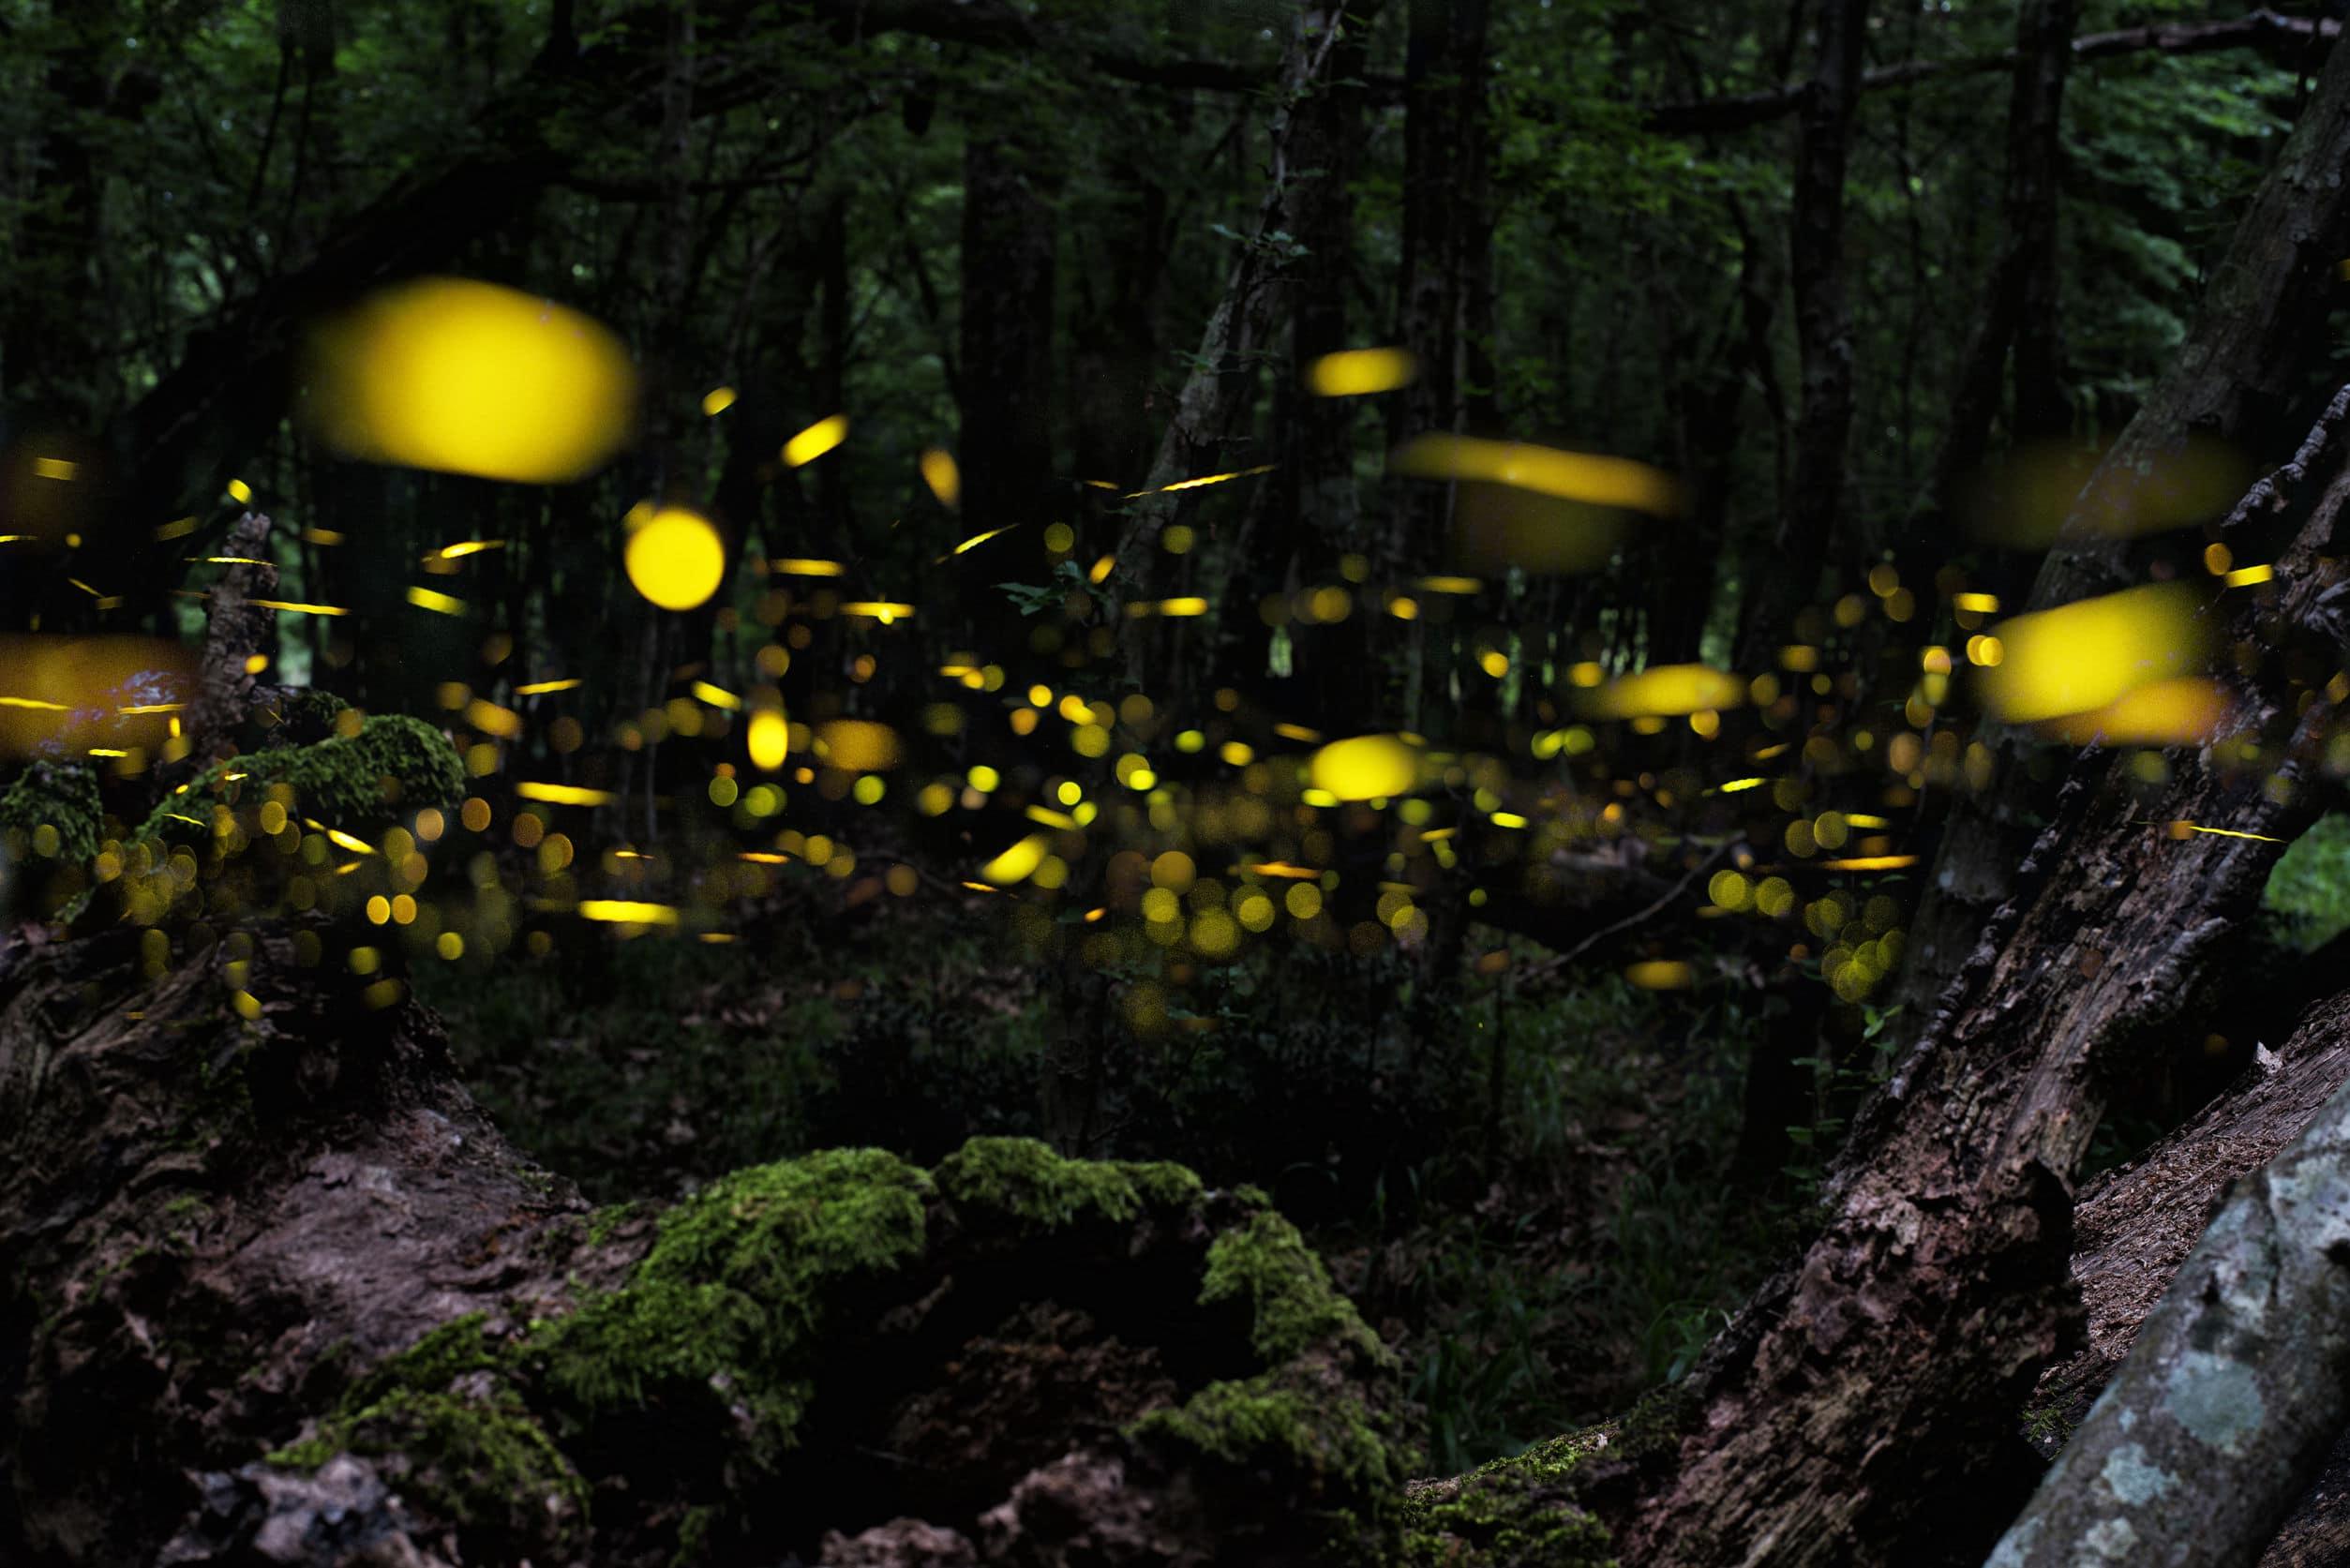 Vaga-lumes voando em floresta à noite